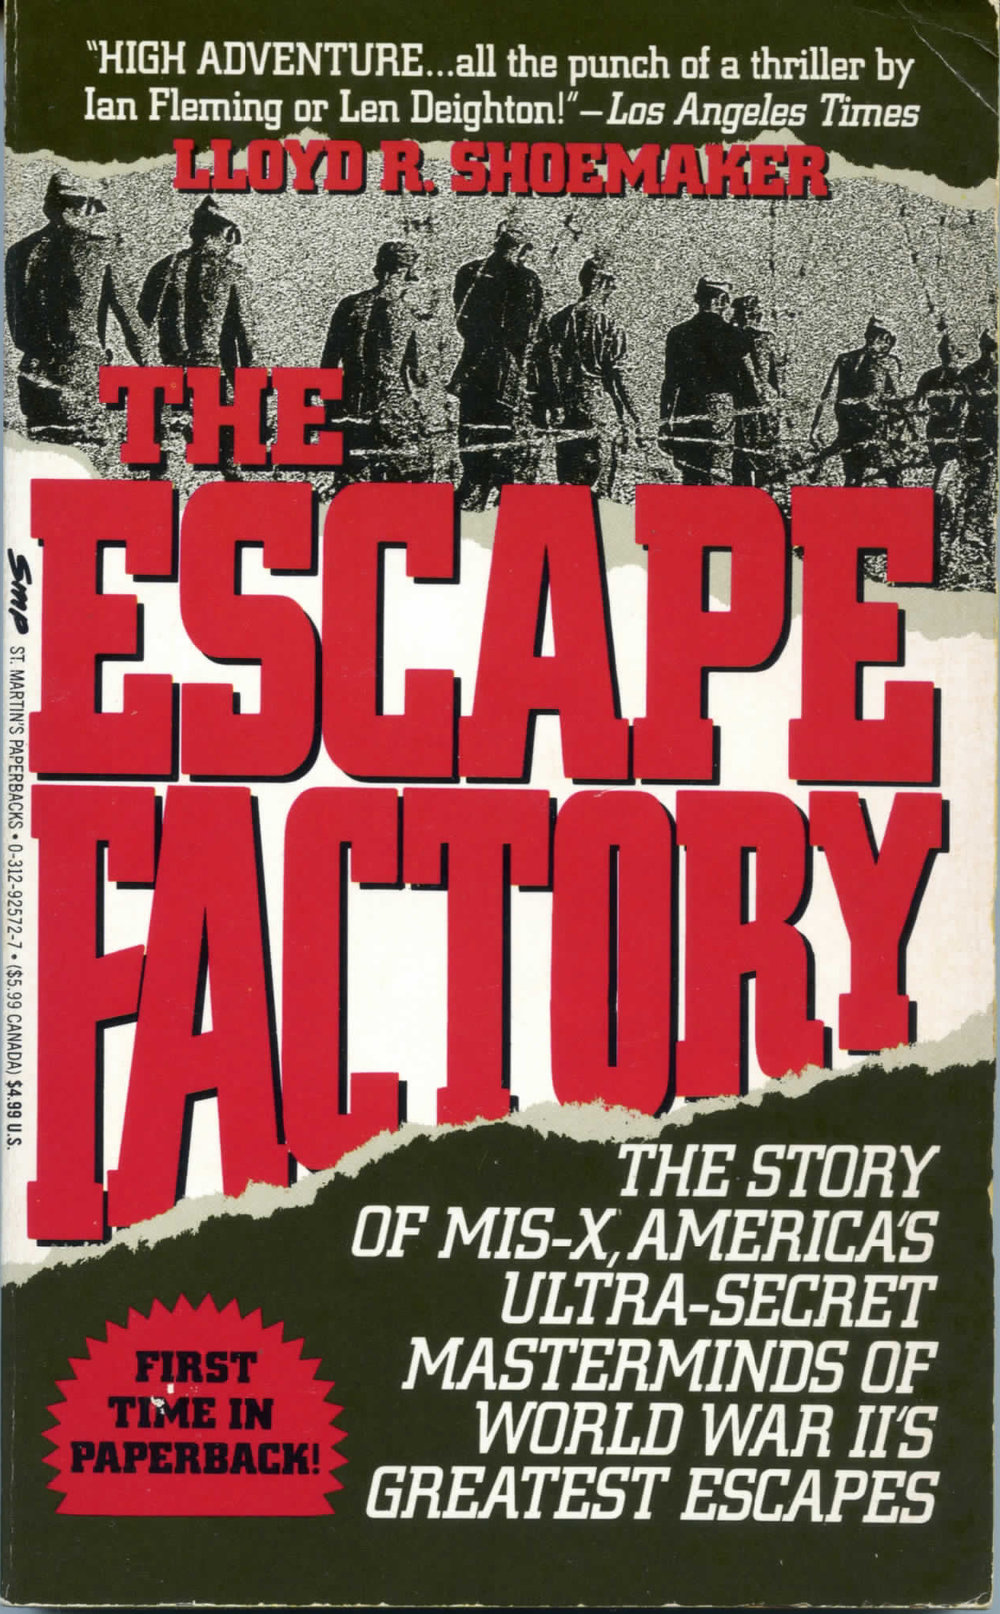 Escape-Factory-Cover-1.jpg